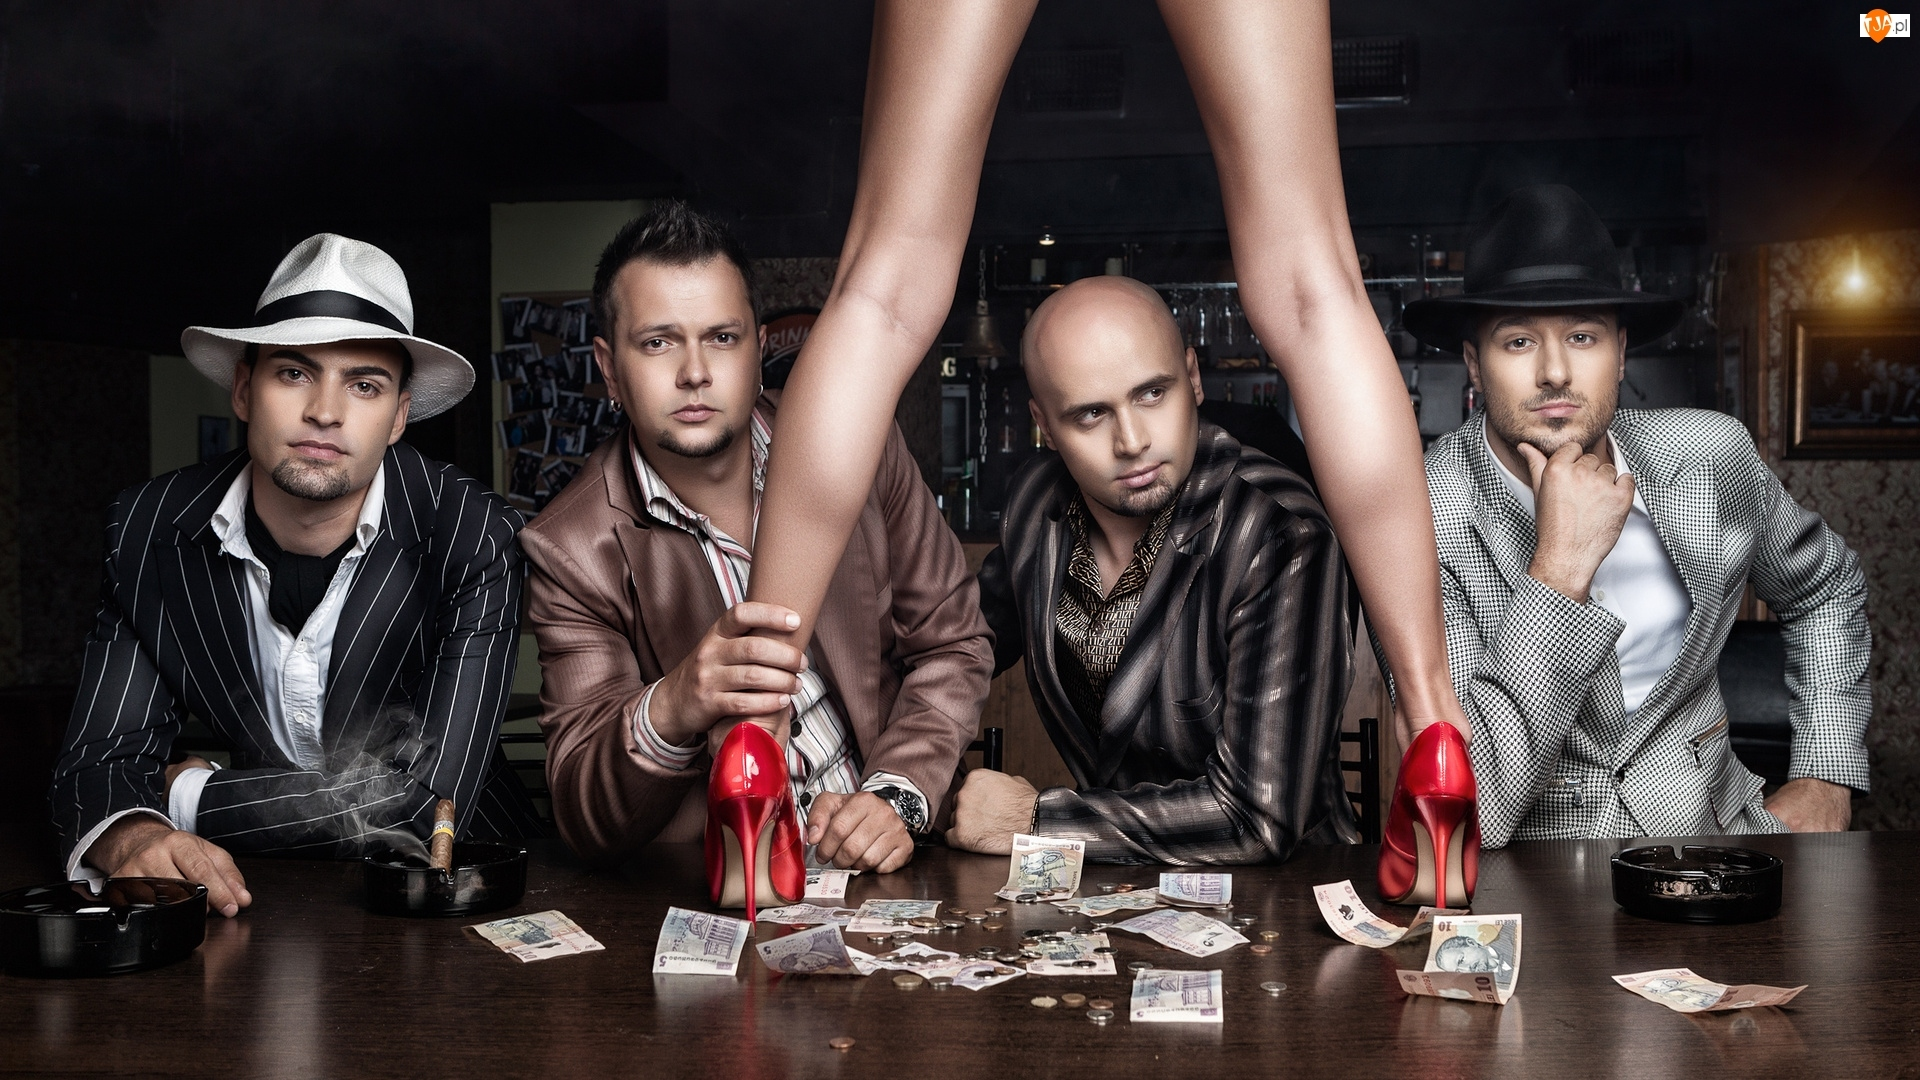 Stół, Mężczyźni, Nogi, Pieniądze, Szpilki